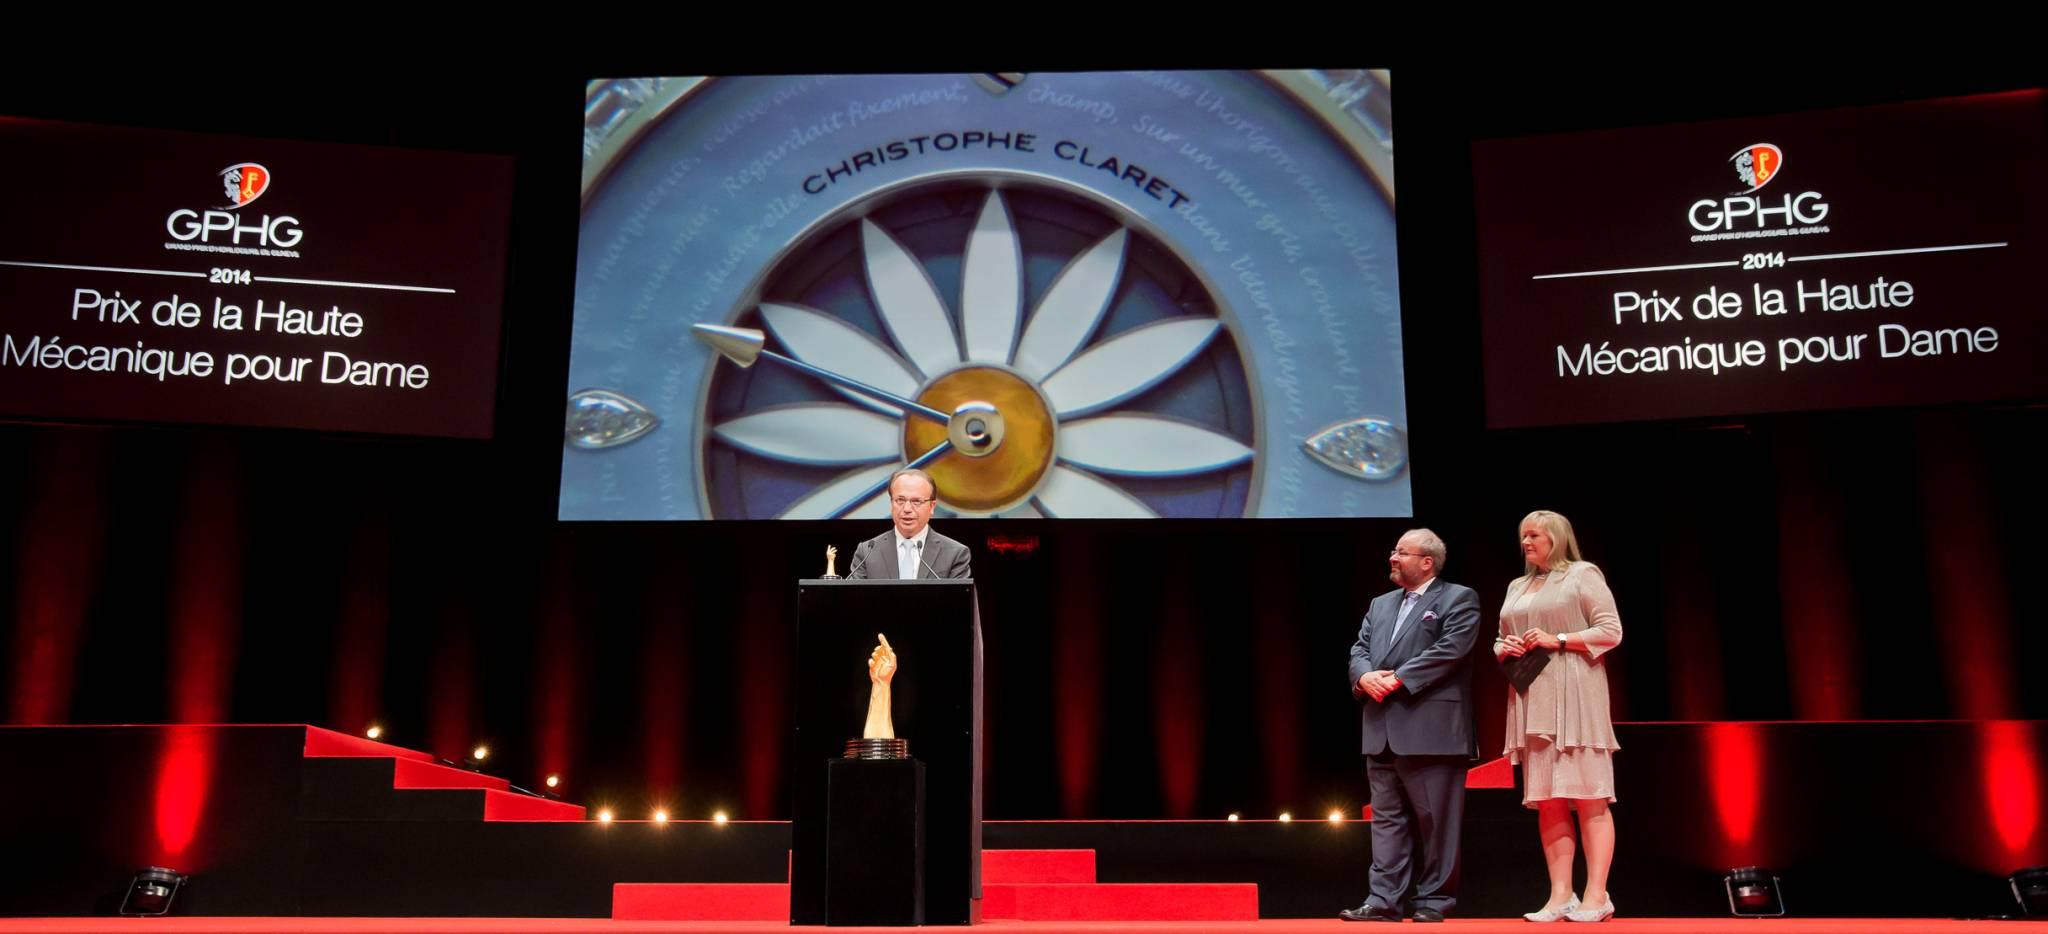 Christophe Claret (Fondateur et président de Christophe Claret, marque lauréate du Prix de la Haute Mécanique pour Dame 2014), René Beyer et Elizabeth Doerr (membres du jury)